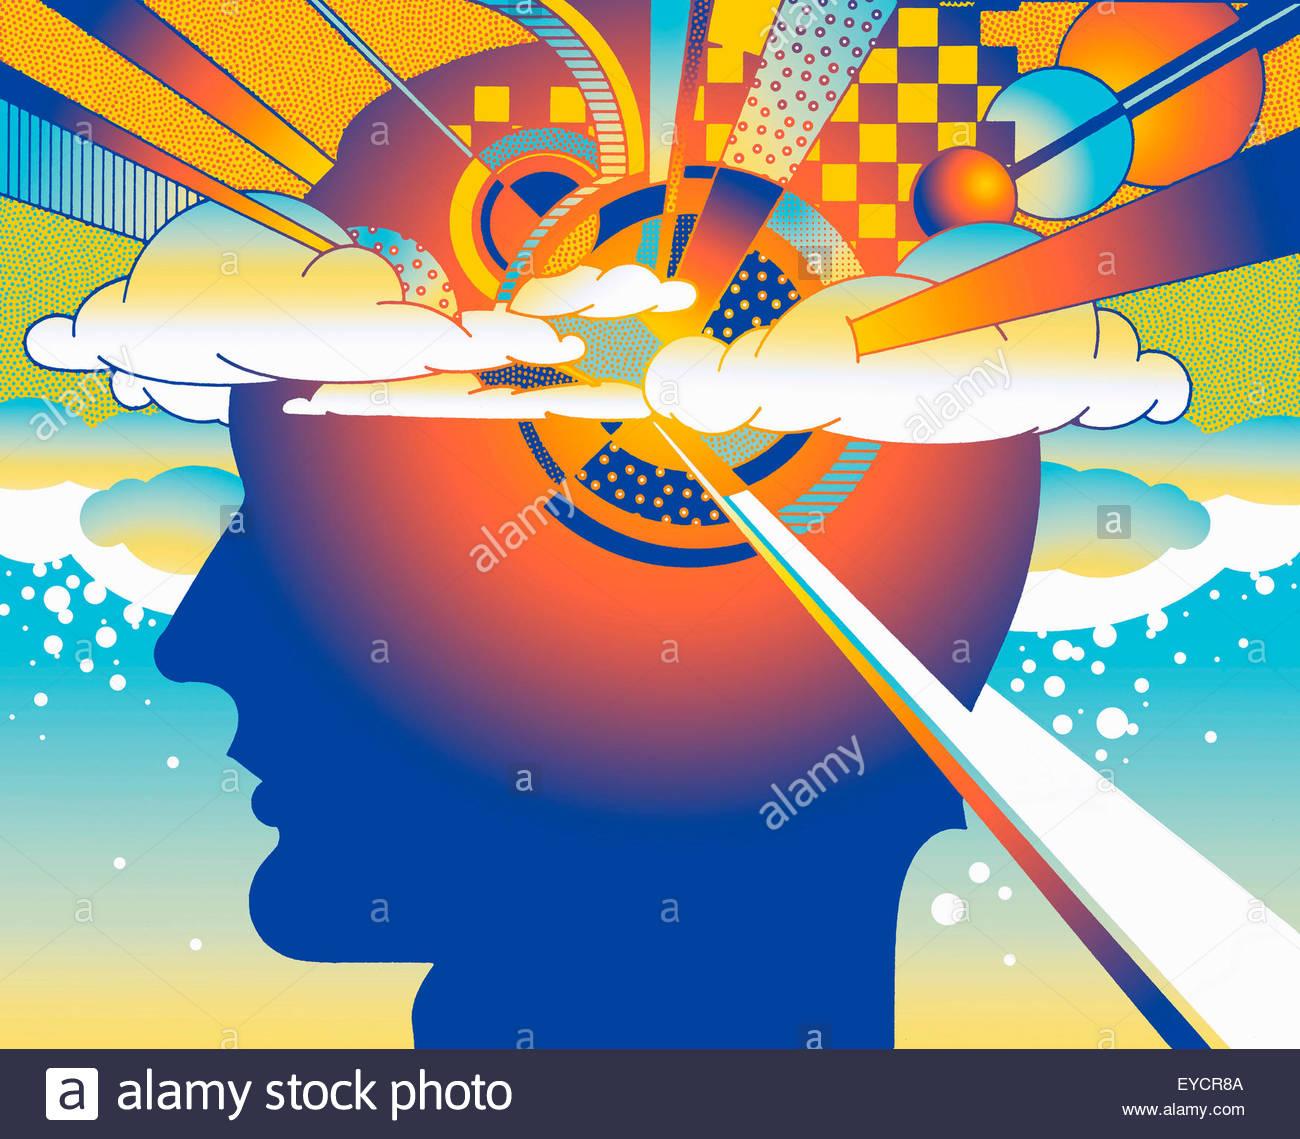 Schéma complexe de formes géométriques à l'intérieur de l'homme la tête dans Photo Stock